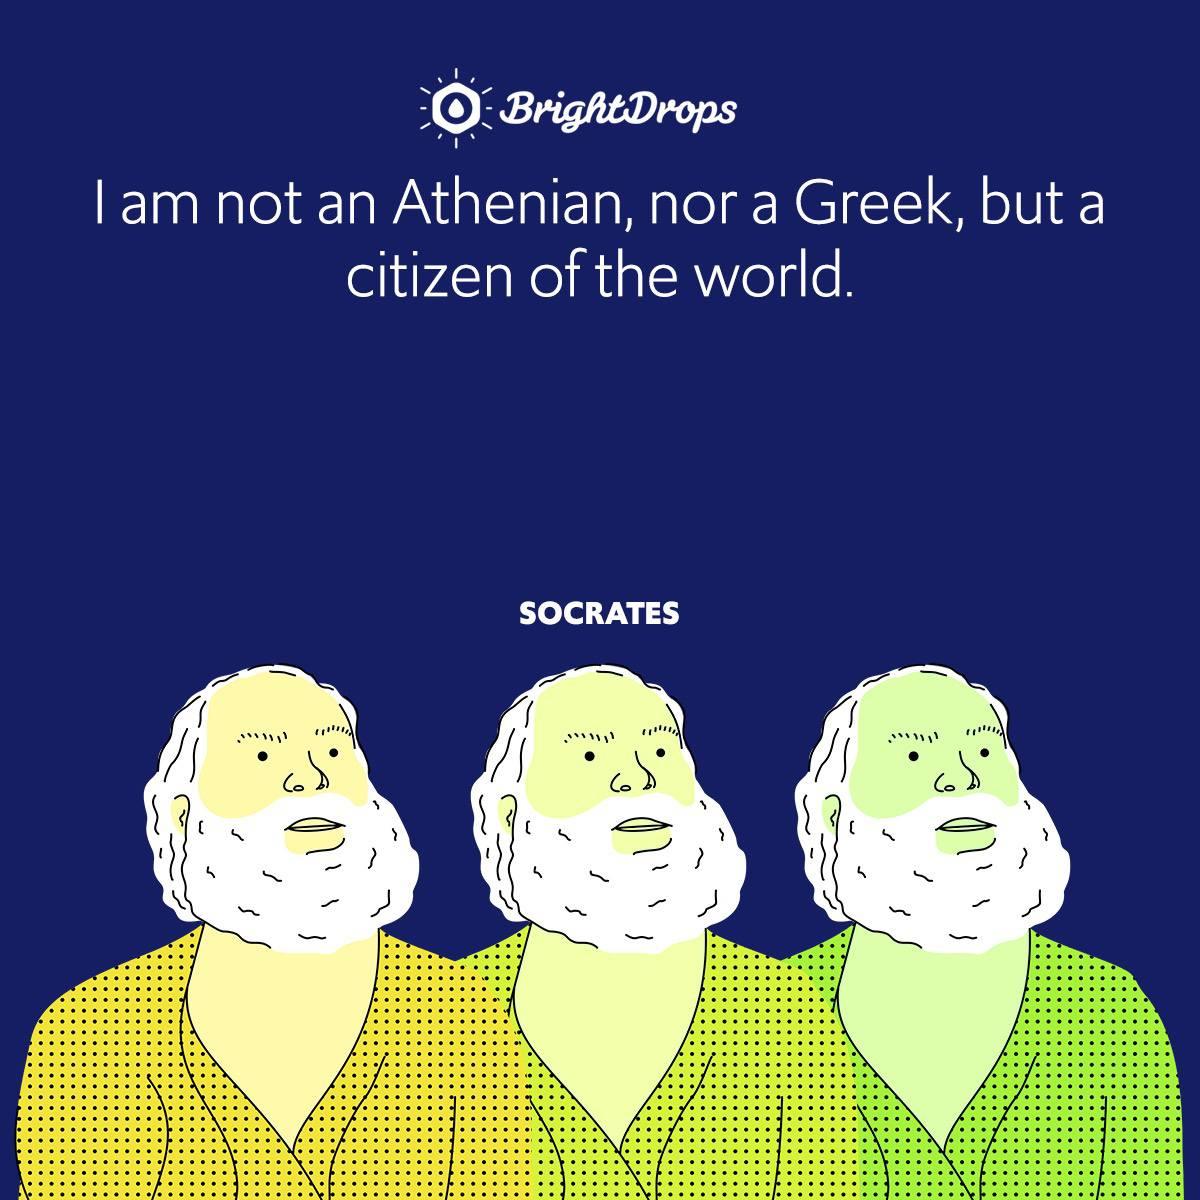 I am not an Athenian, nor a Greek, but a citizen of the world.